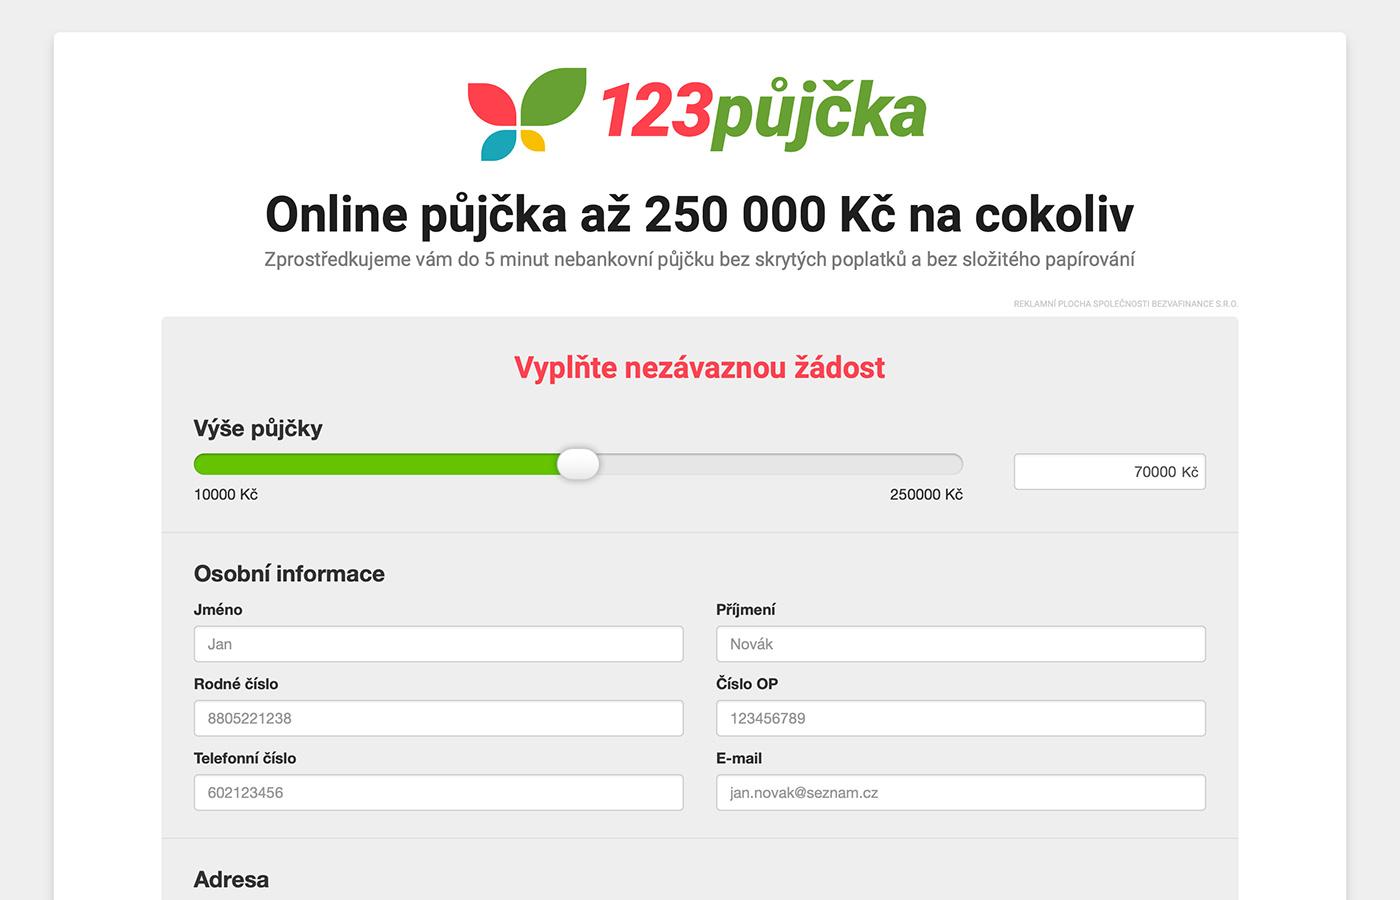 Webové stránky https://www.123pujcka.cz